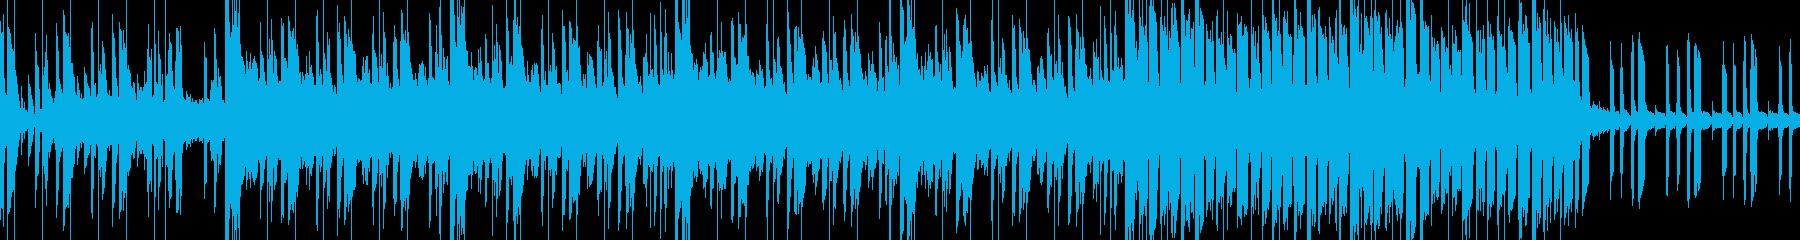 クールでノリの良いワクワクするトランス調の再生済みの波形